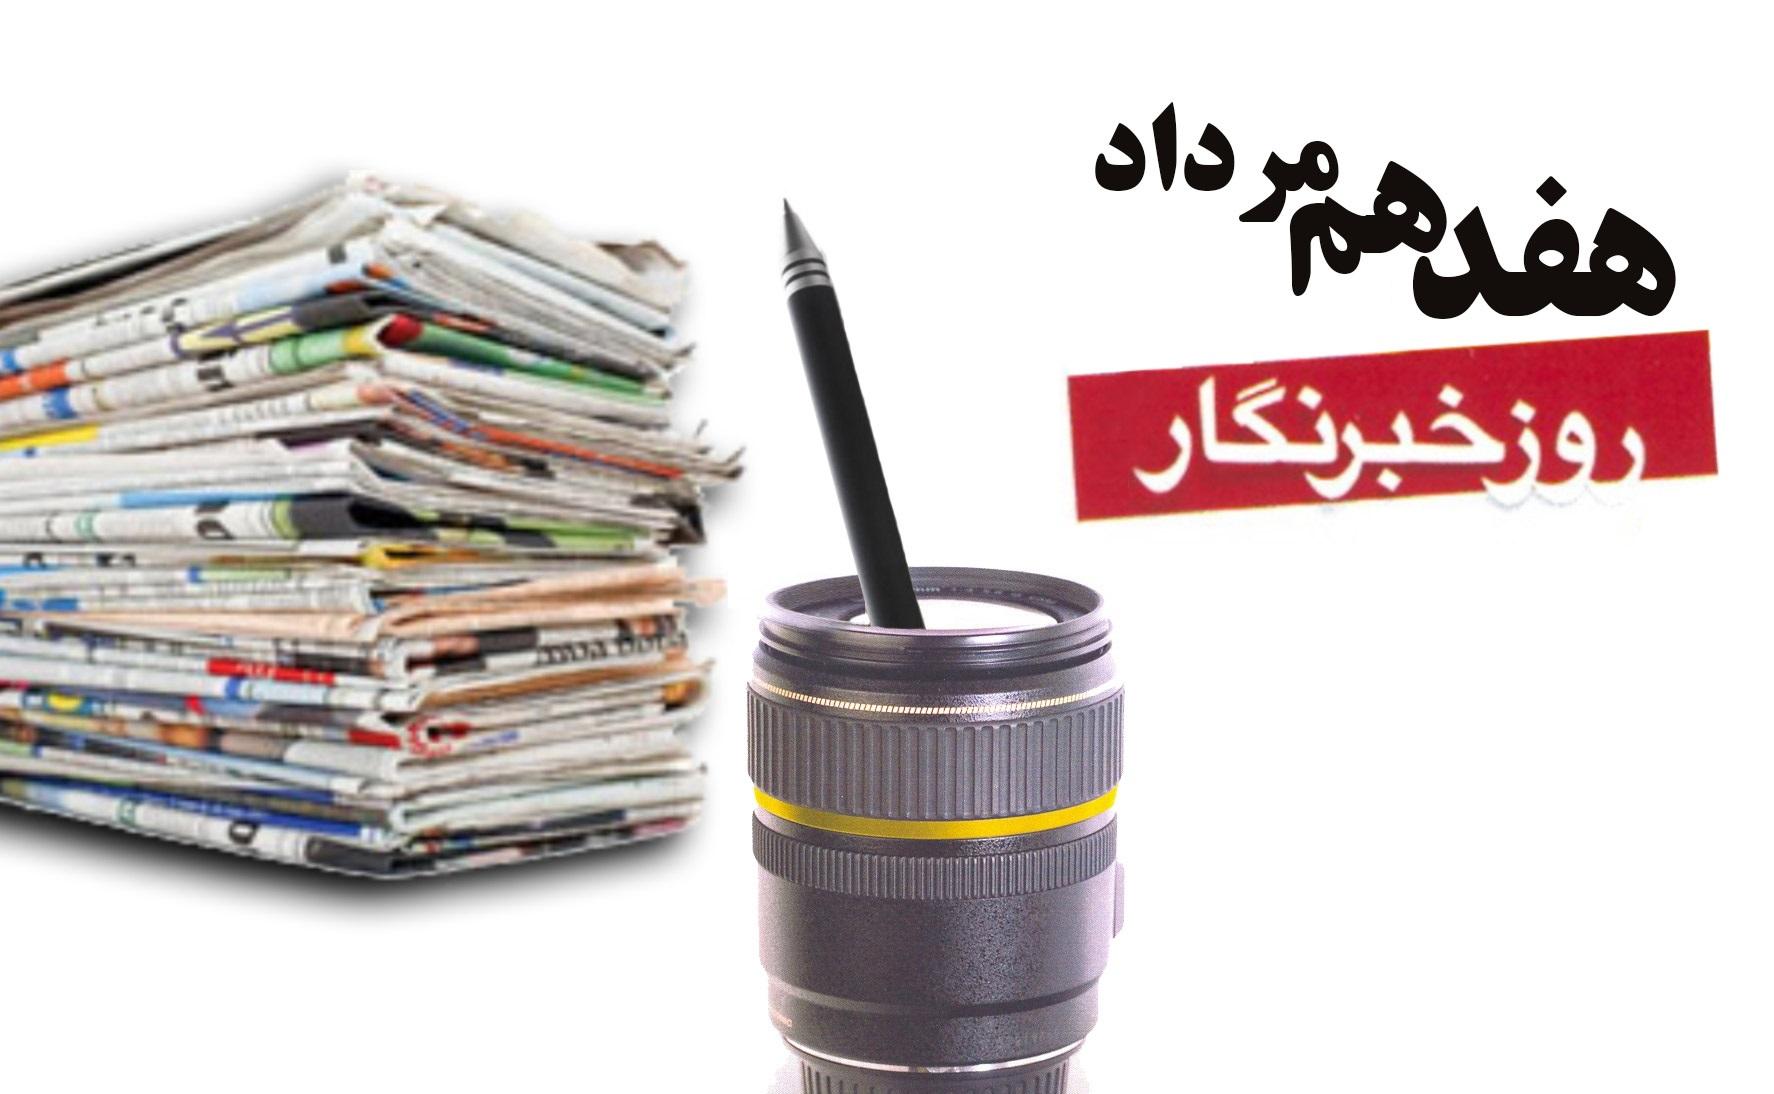 روز خبرنگار بر تمام تلاش گران راه حقیقت مبارک باد